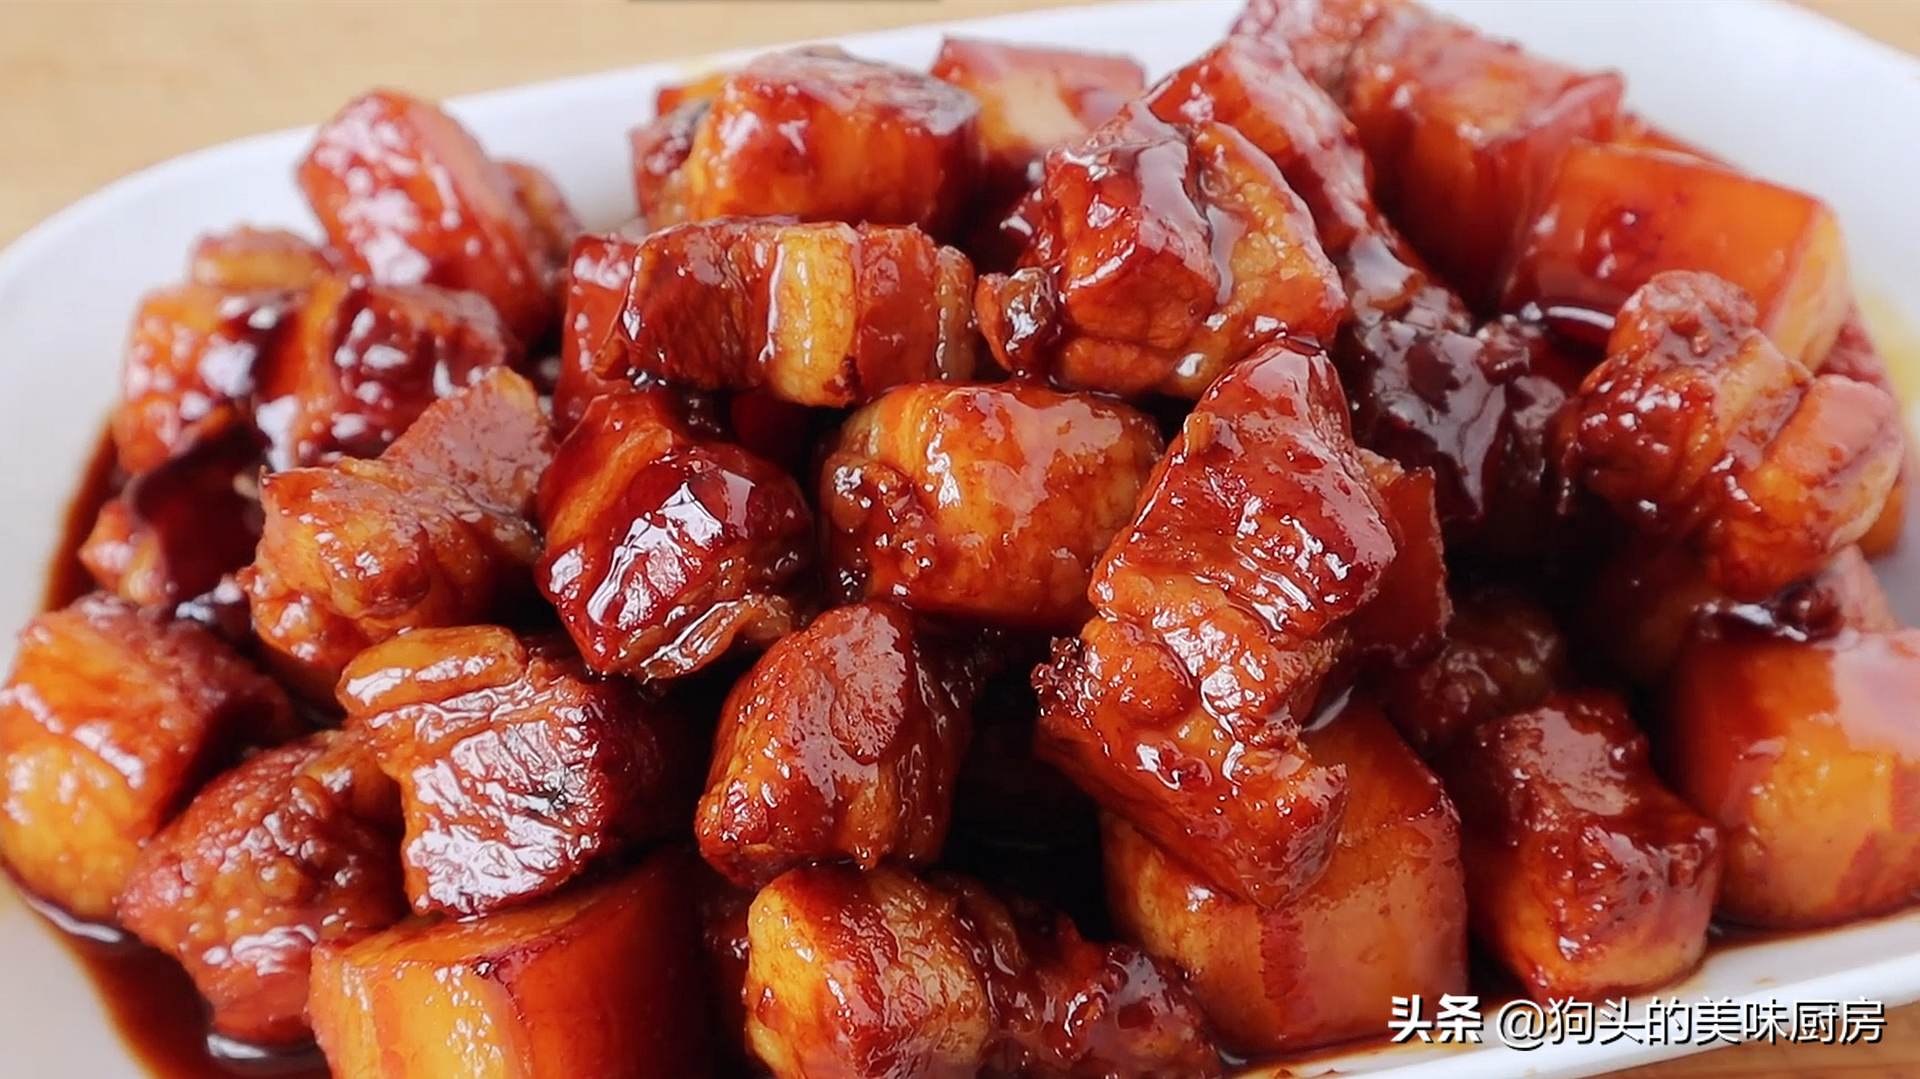 做红烧肉时,掌握这些小技巧,红烧肉不腥不柴,软烂入味口感好 美食做法 第1张